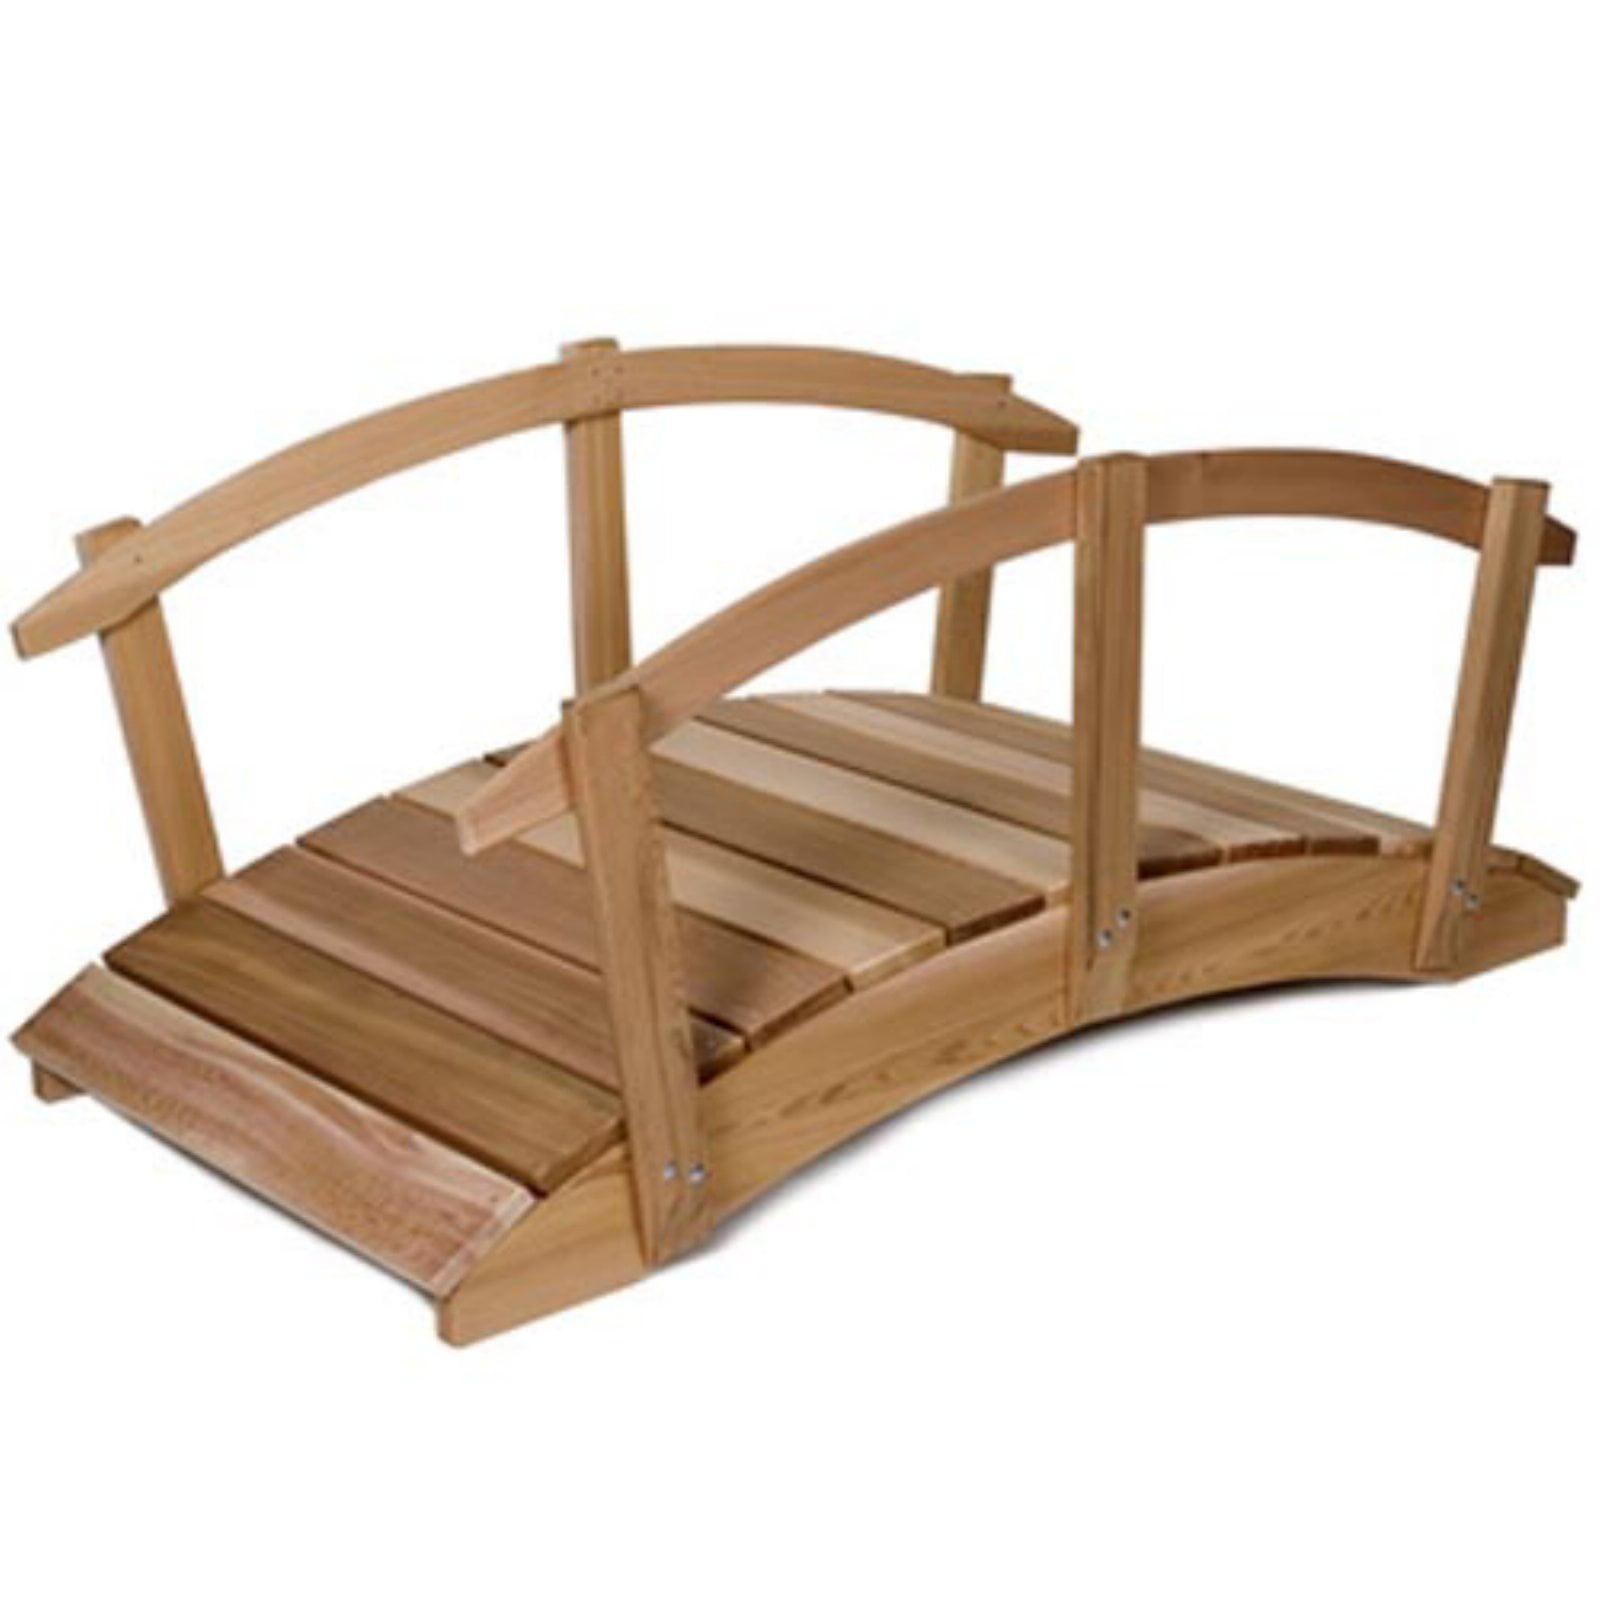 All Things Cedar Hand-Crafted  Cedar Garden Bridge with Rails